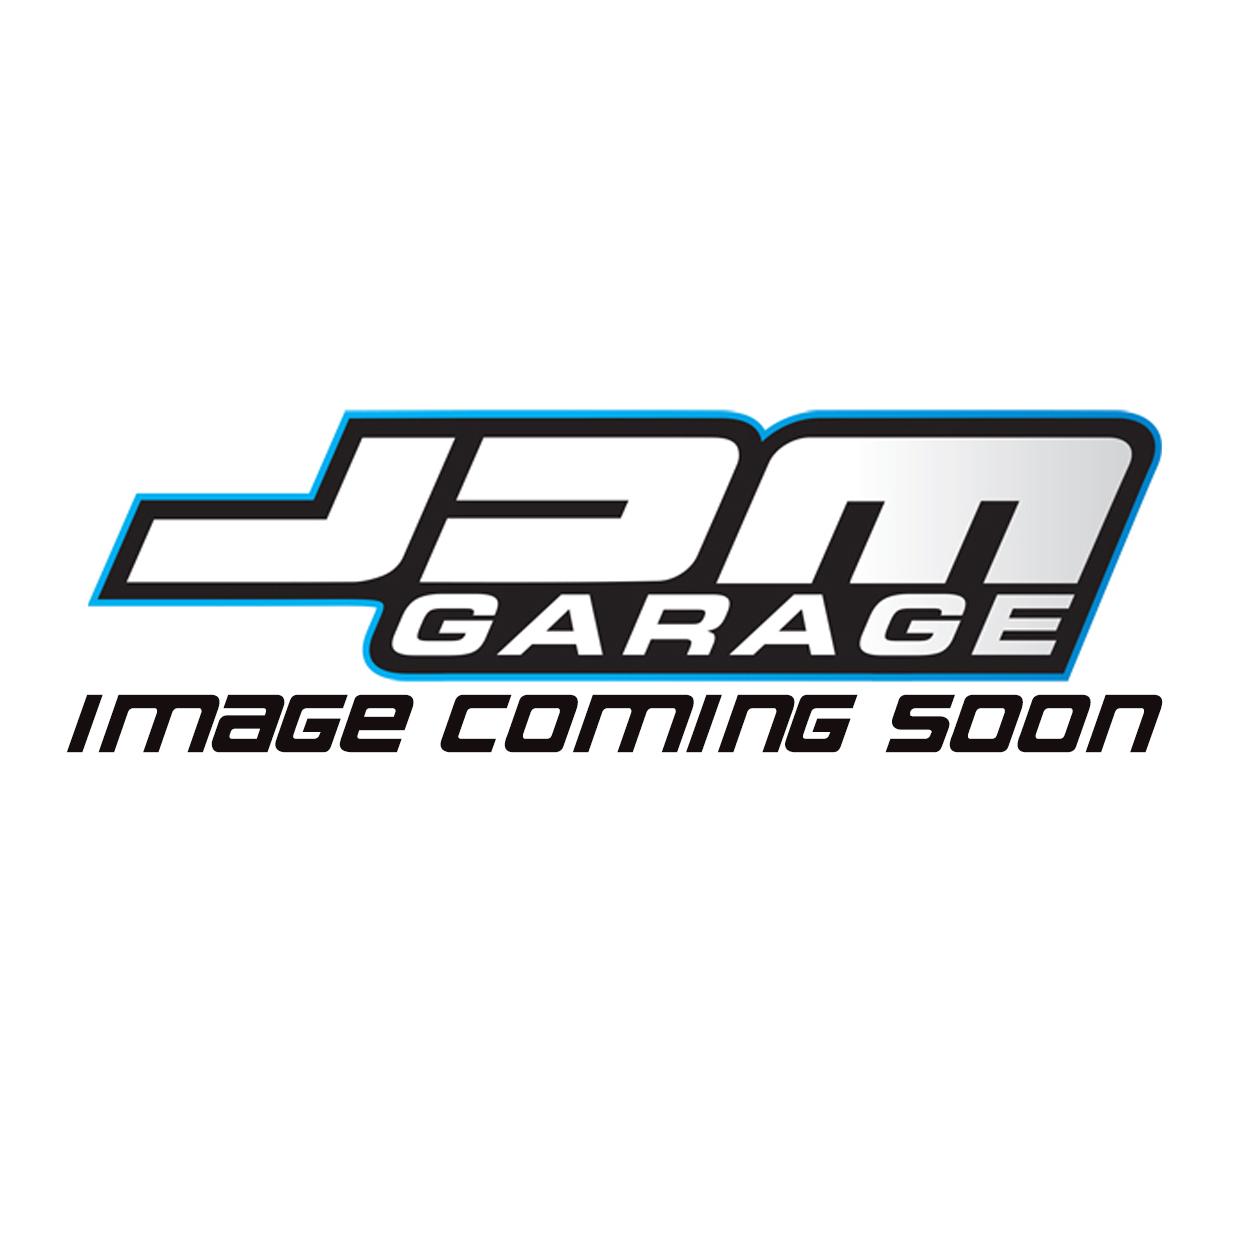 Genuine Nissan Brake / Clutch Pipe Clip For Nissan Skyline R34 GTR RB26DETT Pulsar GTIR RNN14 SR20DET 01561-00241